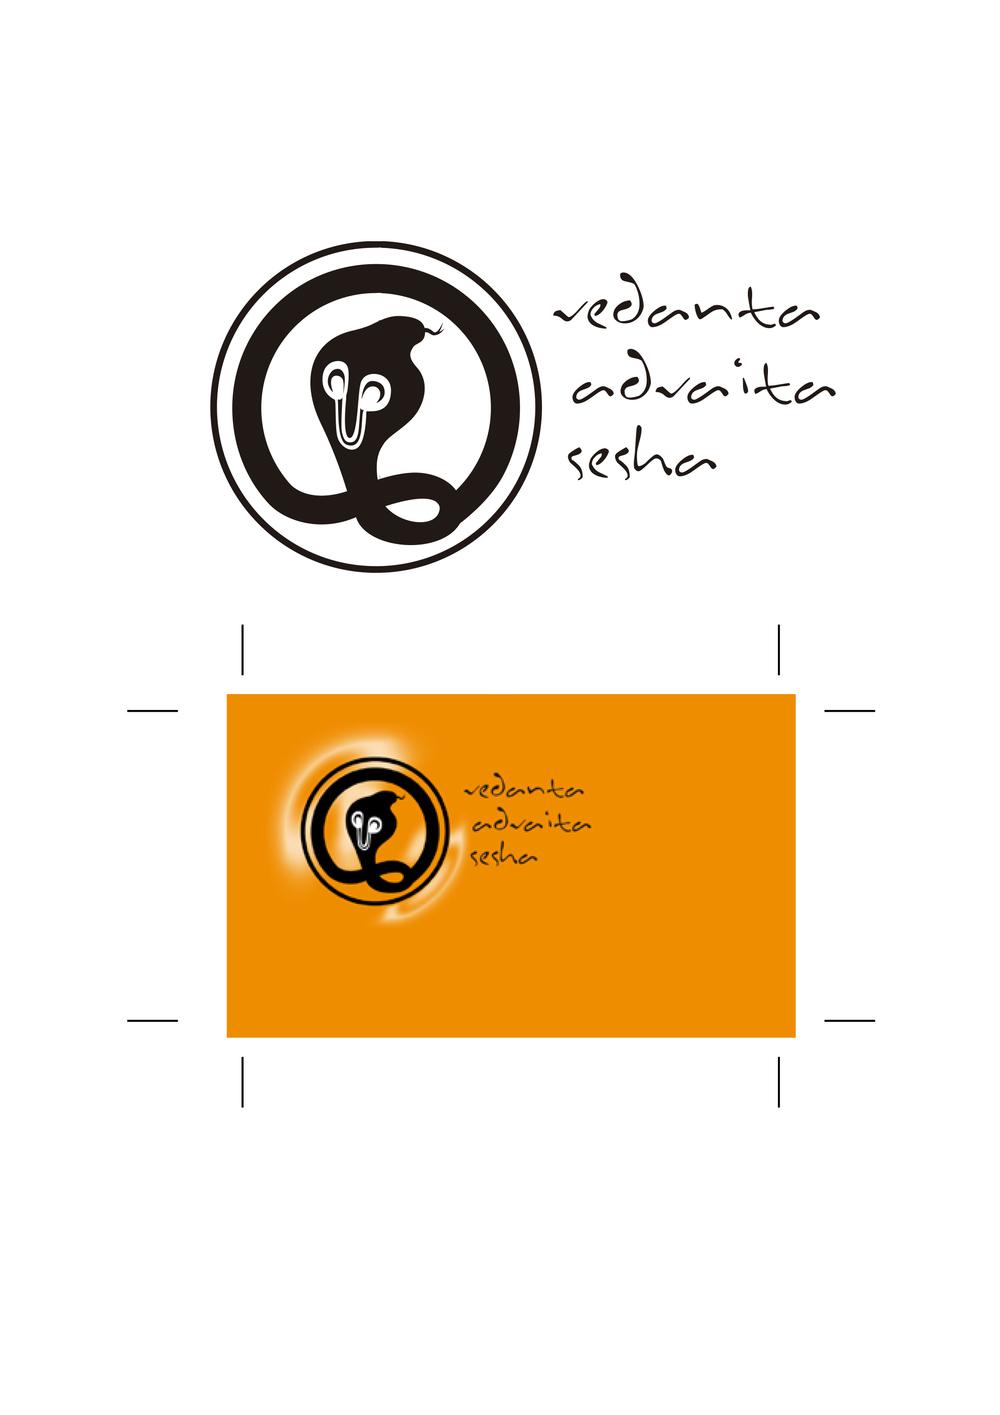 Rediseño de Logotipo y aplicación a tarjeta de visita para Asociación Vedanta Advaita Sesha